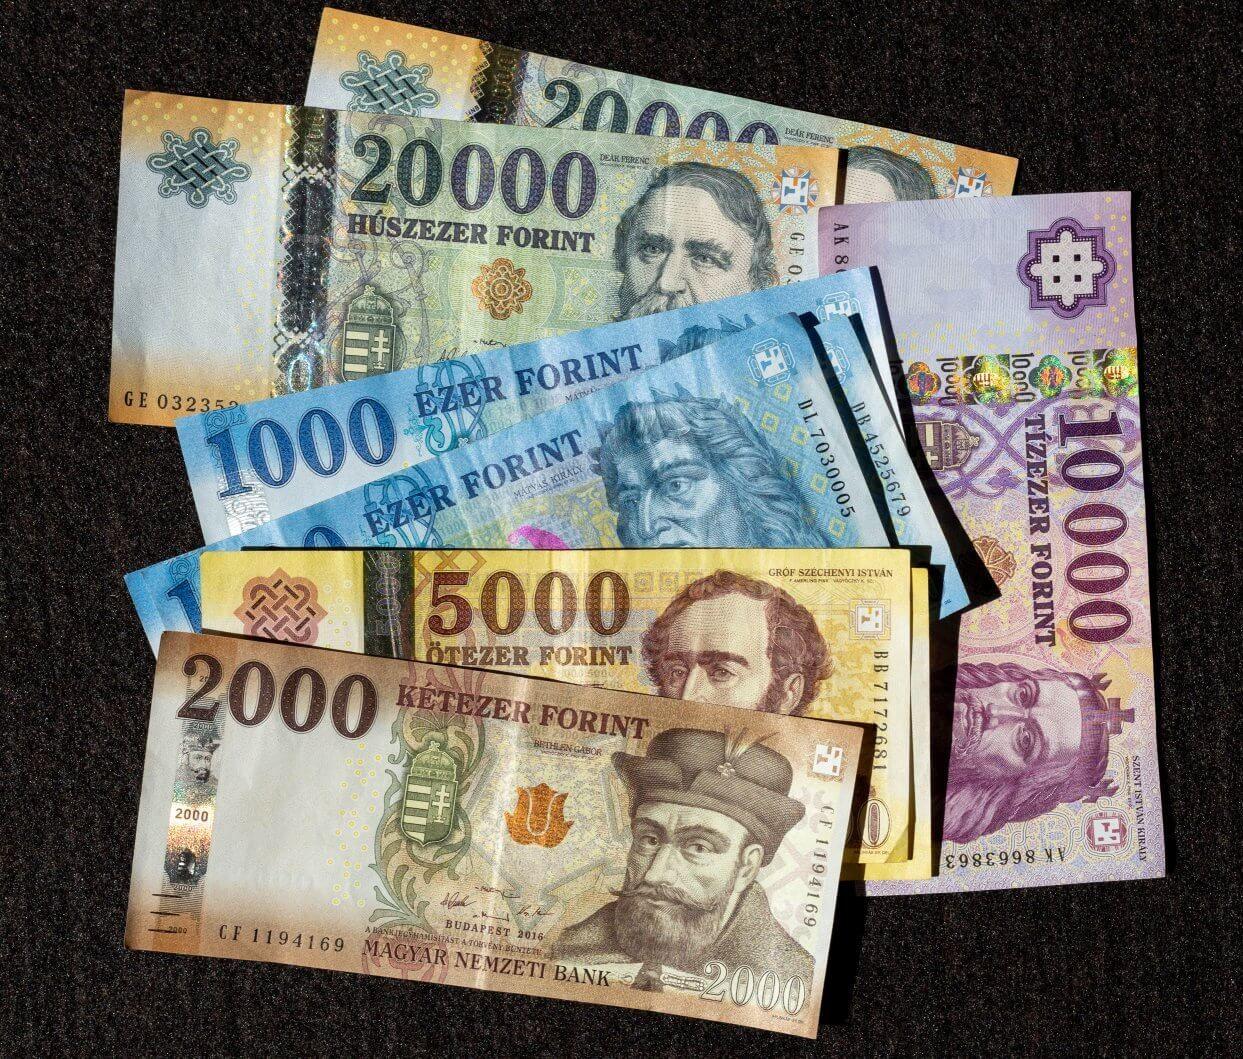 Forint Die Ungarische Wahrung Geldscheine Munzen Kurse Ungarn Geld Alte Munzen